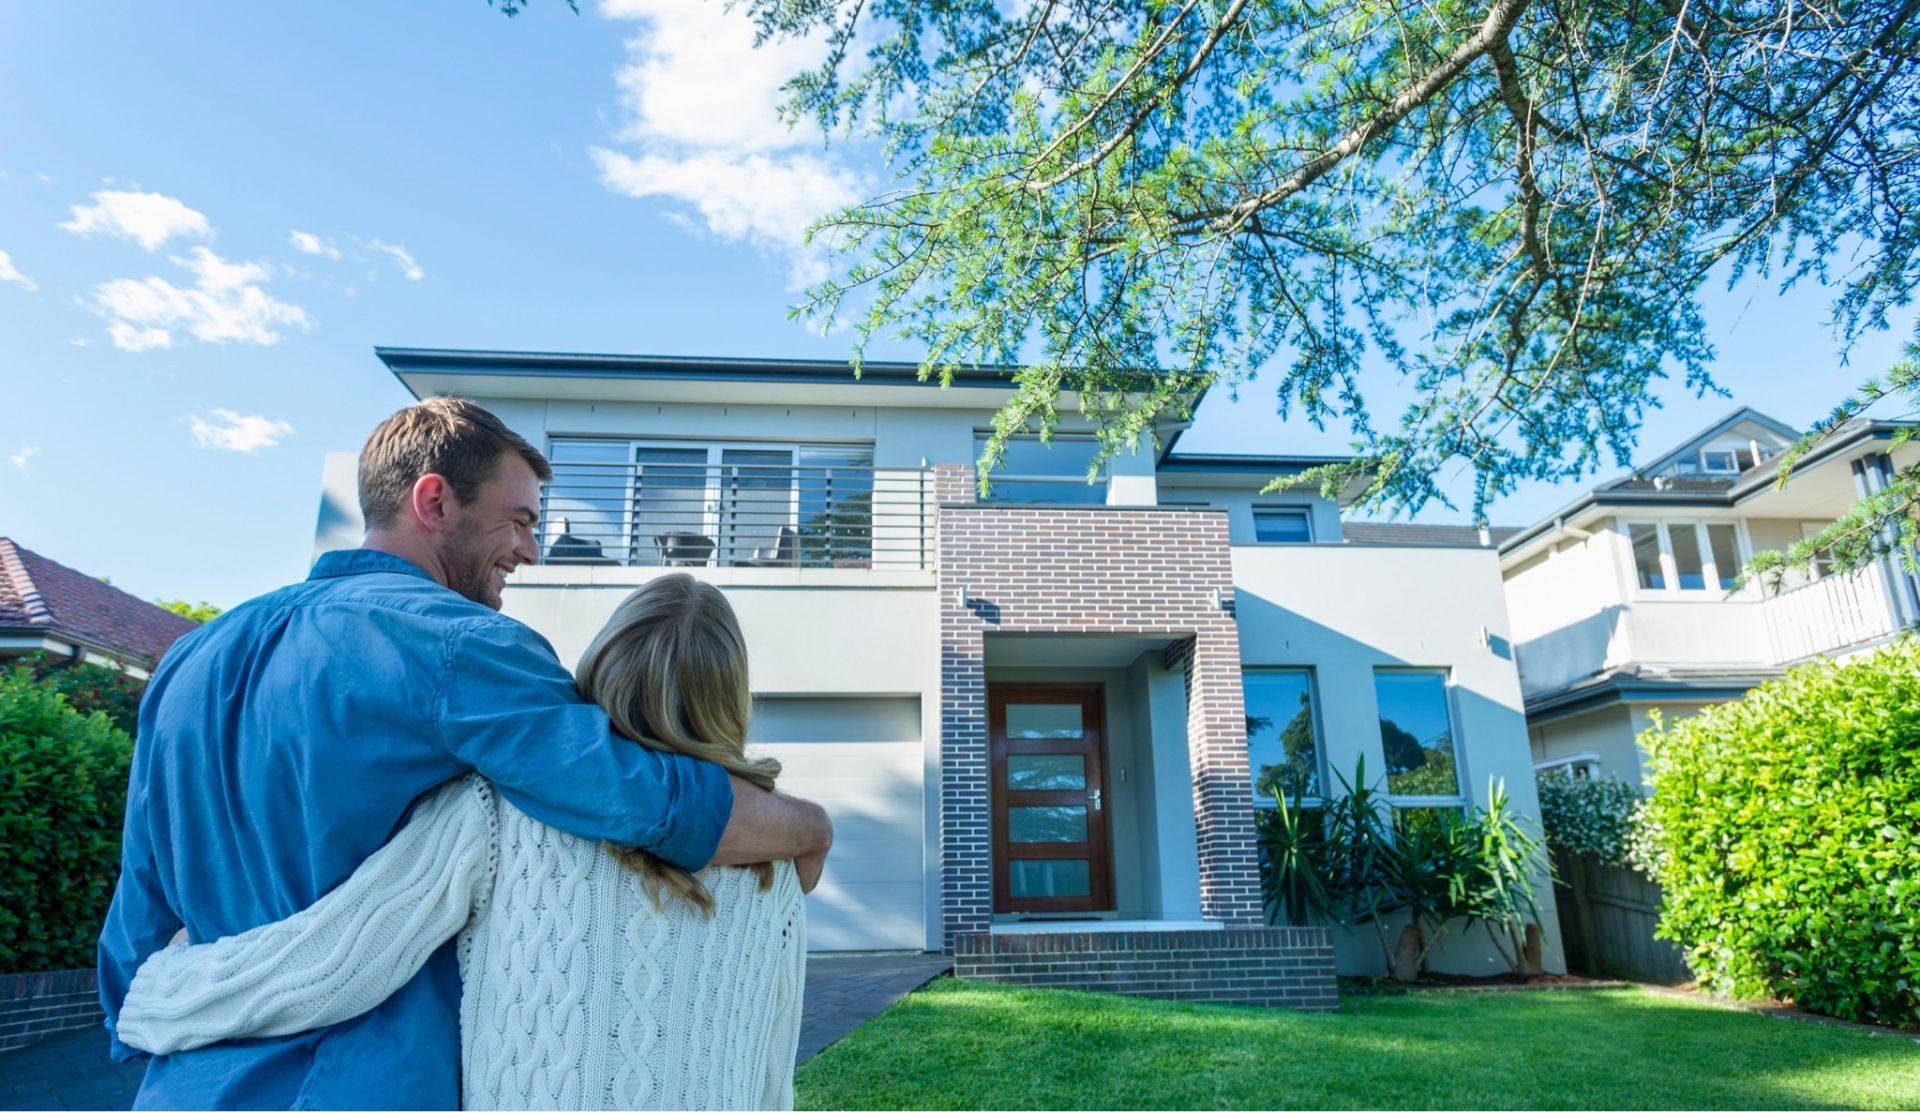 Seguro-Vida-Crédito-Habitação